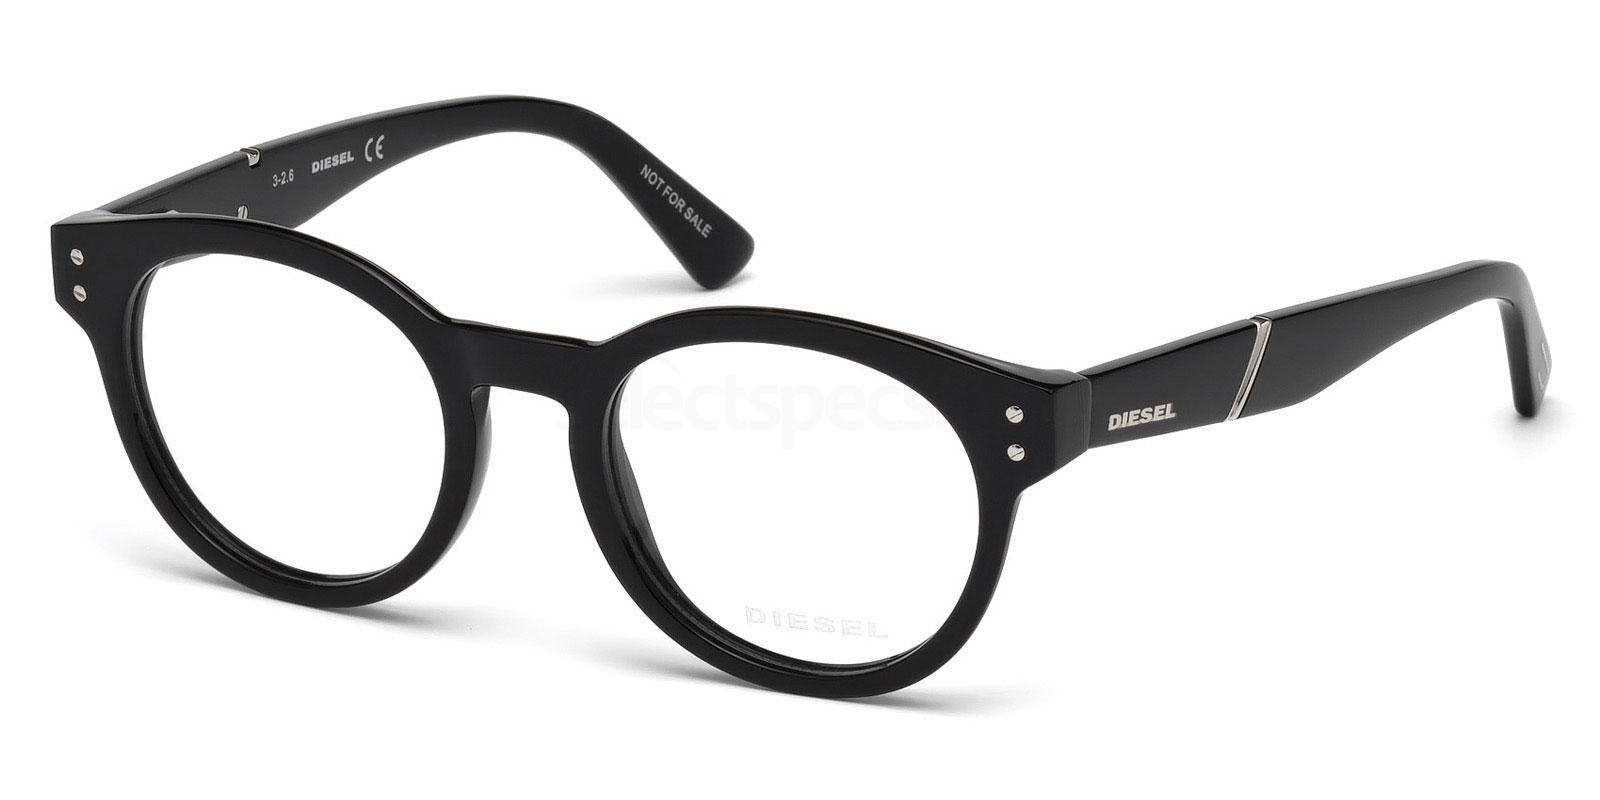 001 DL5231 Glasses, Diesel